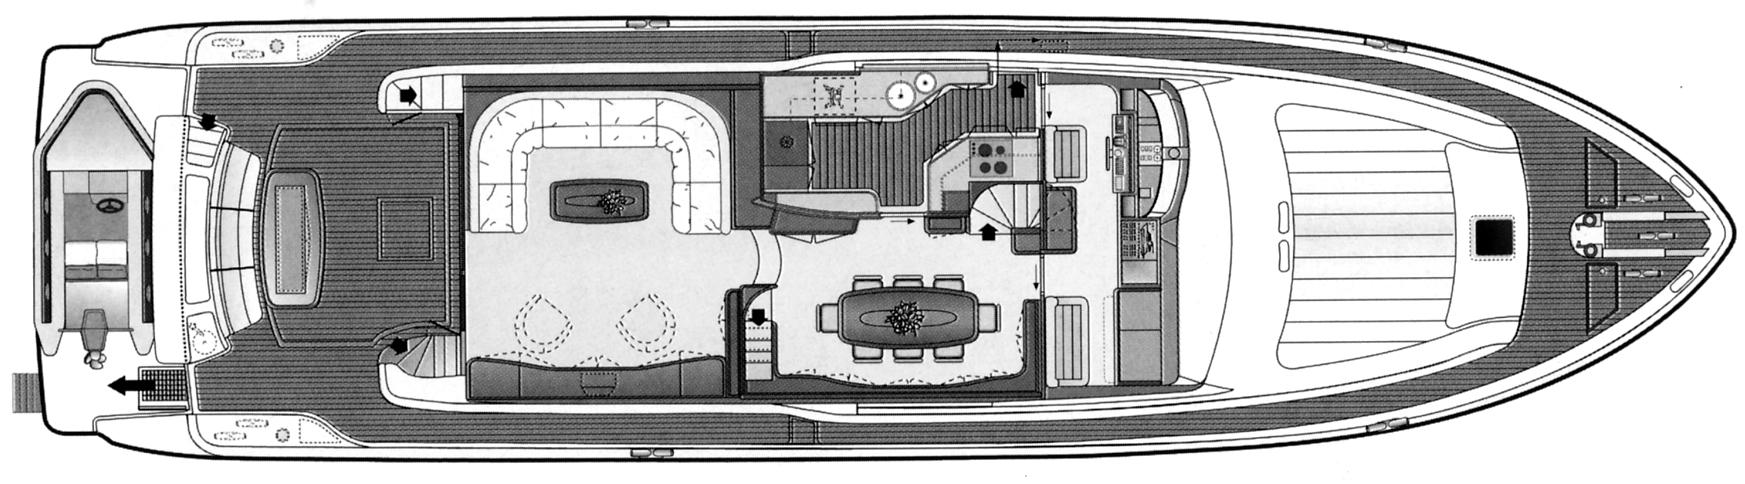 760 Floor Plan 2